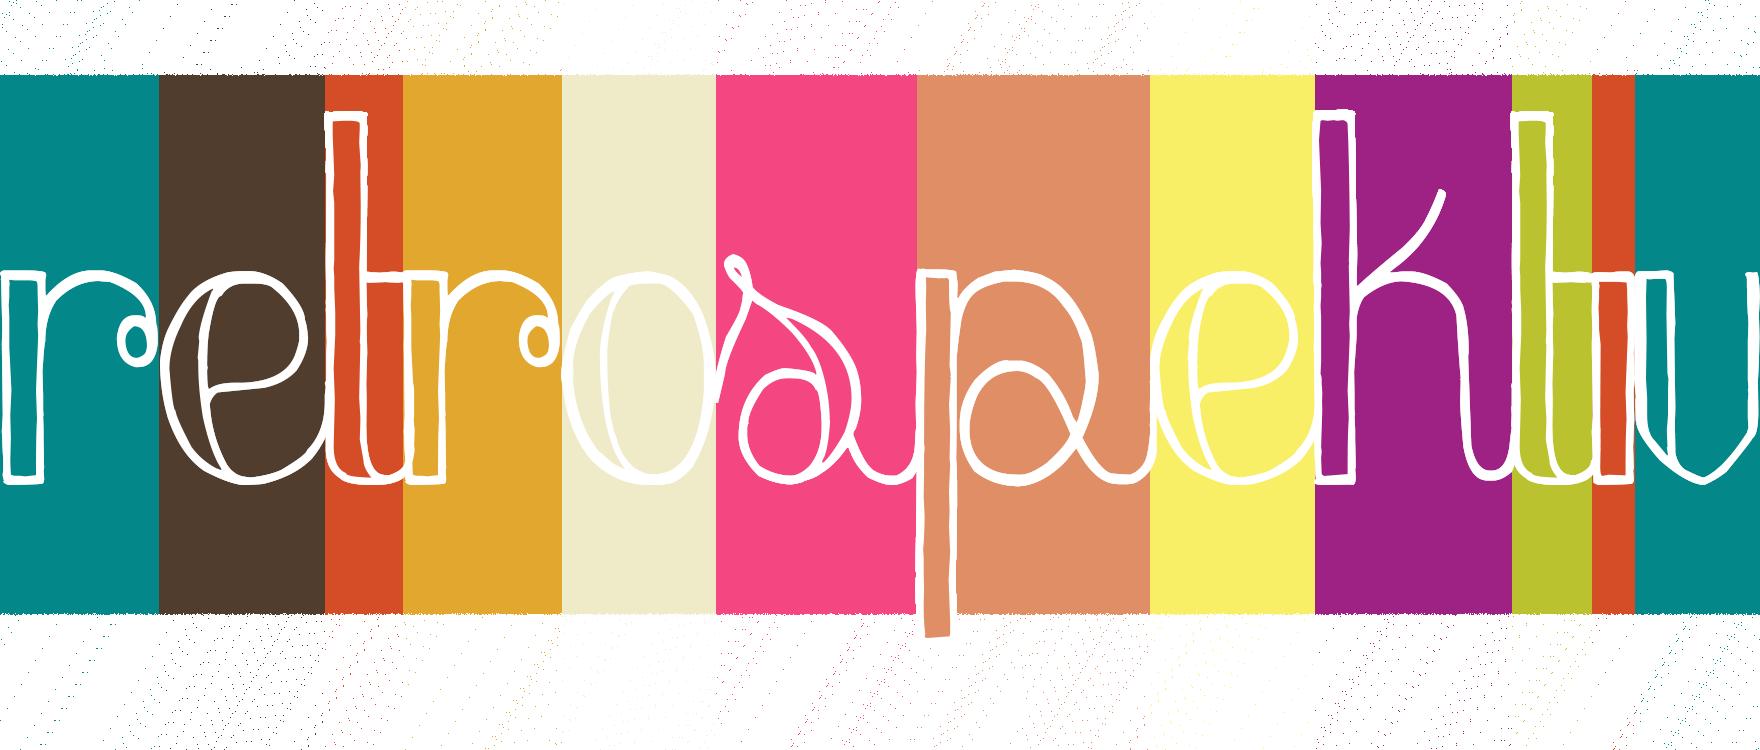 retrospektiv Logo Schriftzug weiß